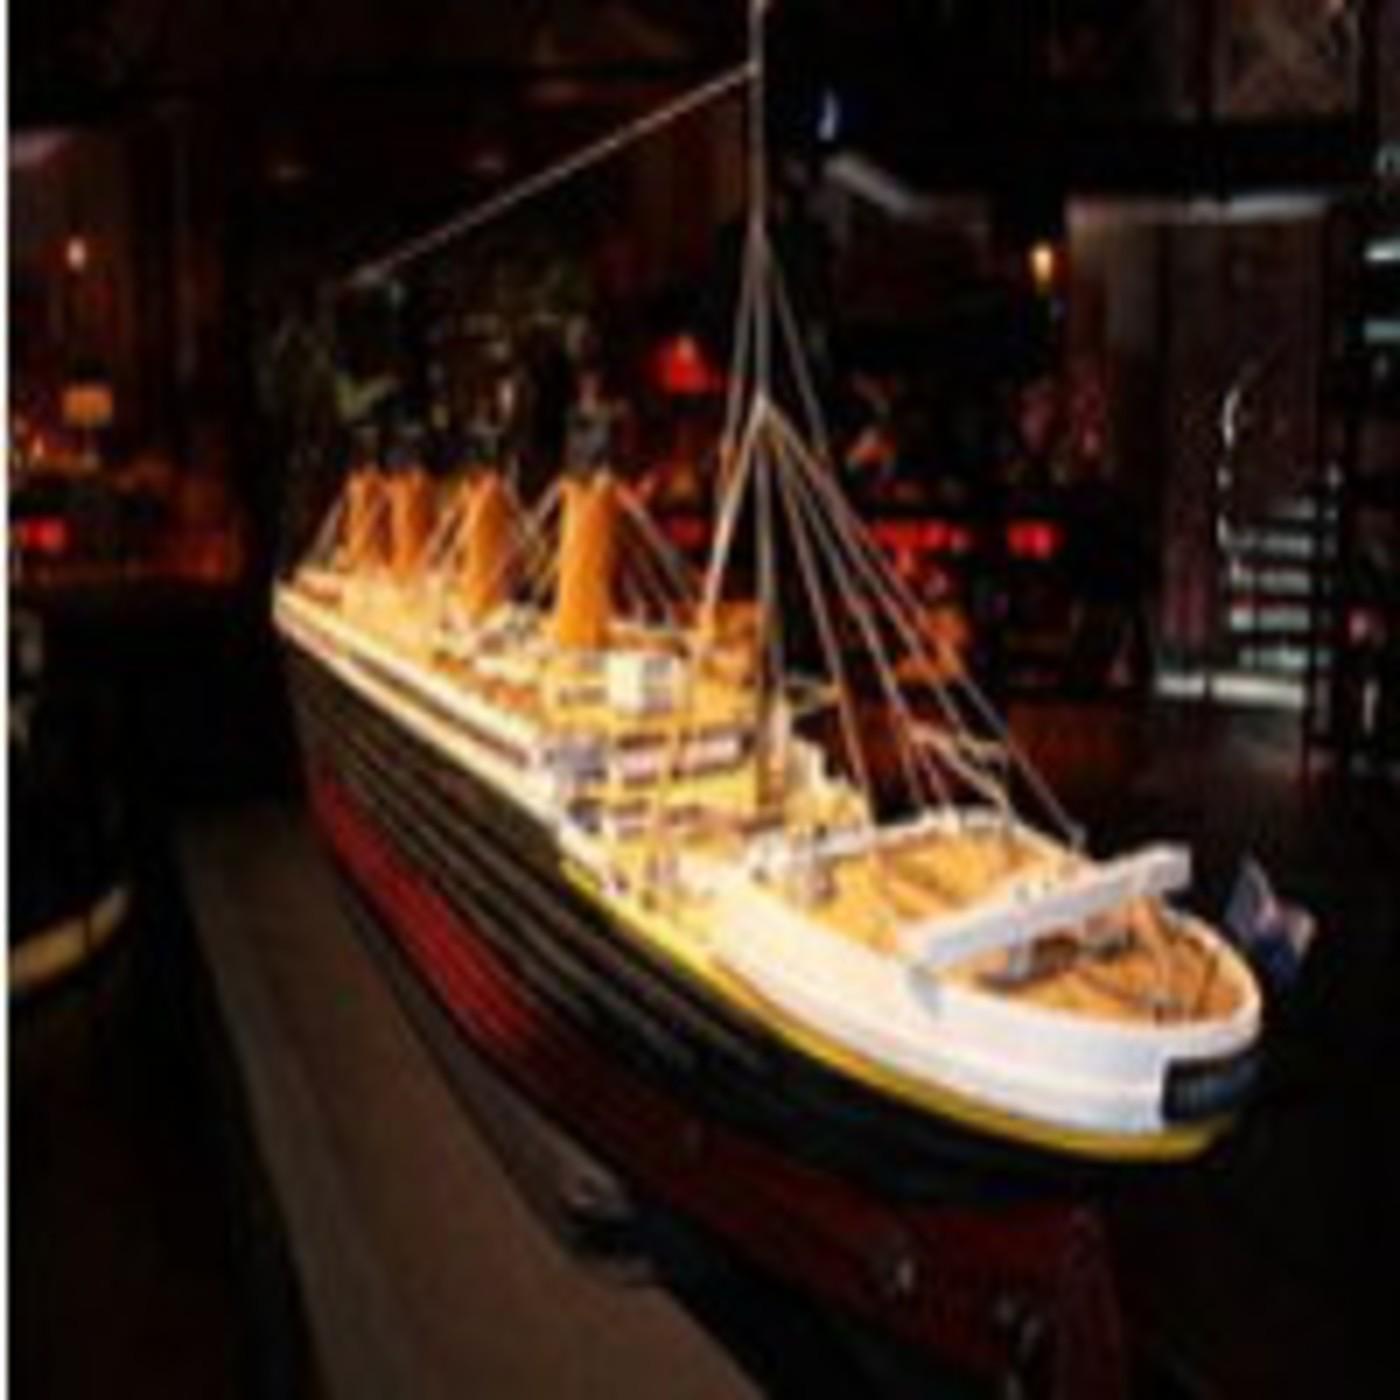 Especial Cuarto Milenio: Dossier Titanic en Misterios en mp3(16/06 a ...